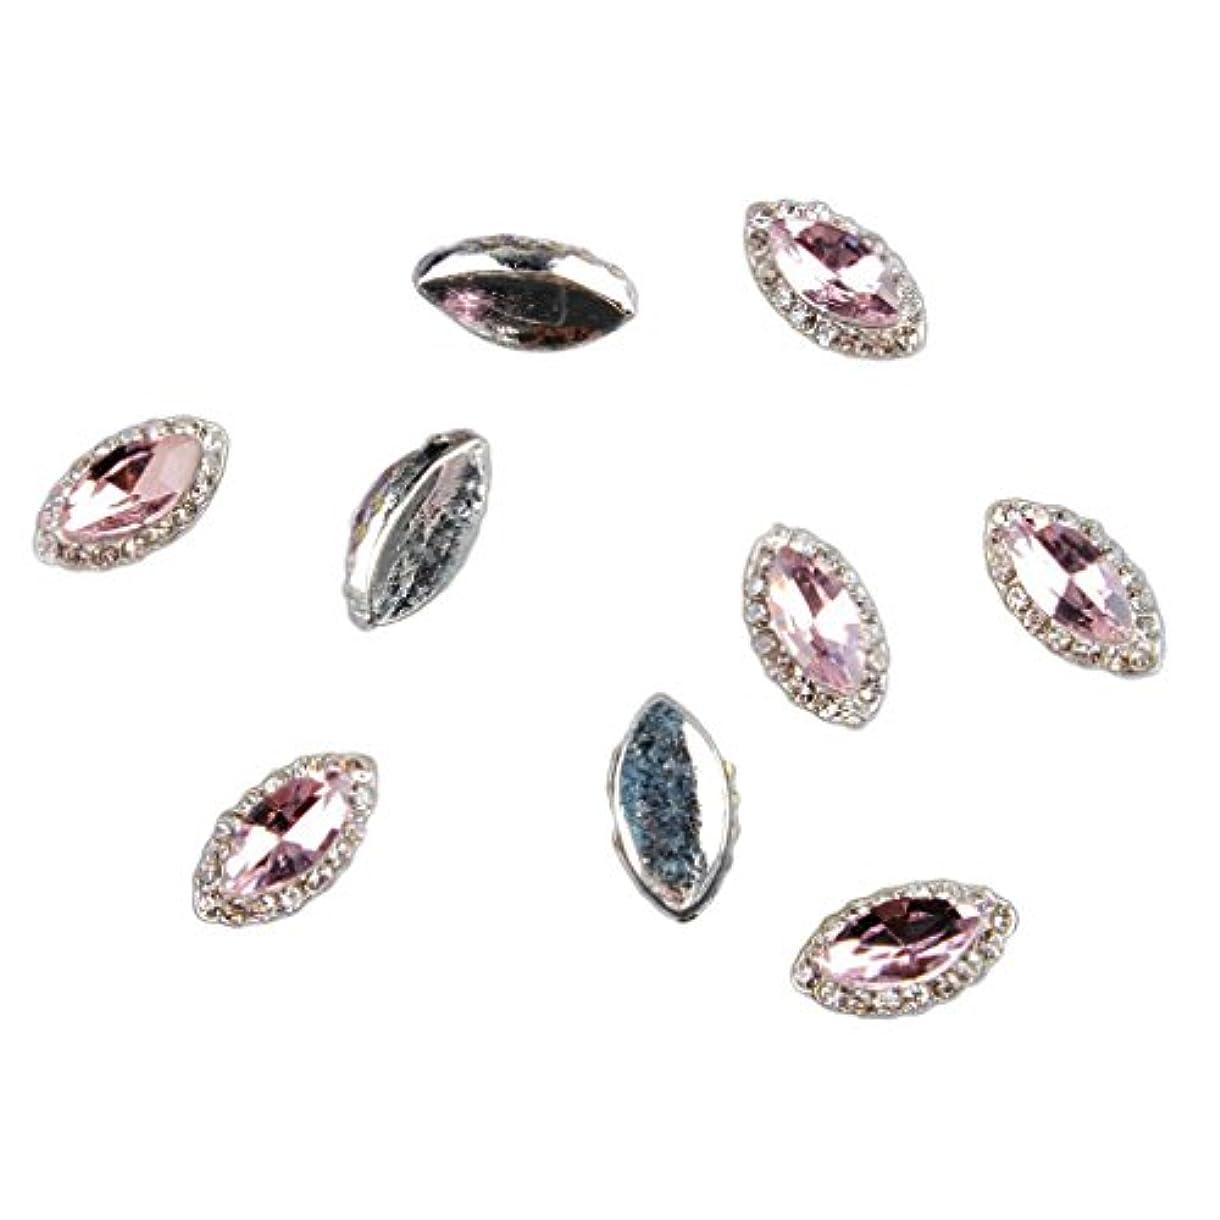 吸収剤階下枯れるネイルアート 3D ネイルステッカー ネイルデコレーション ネイル装飾 全6種類 - ピンク